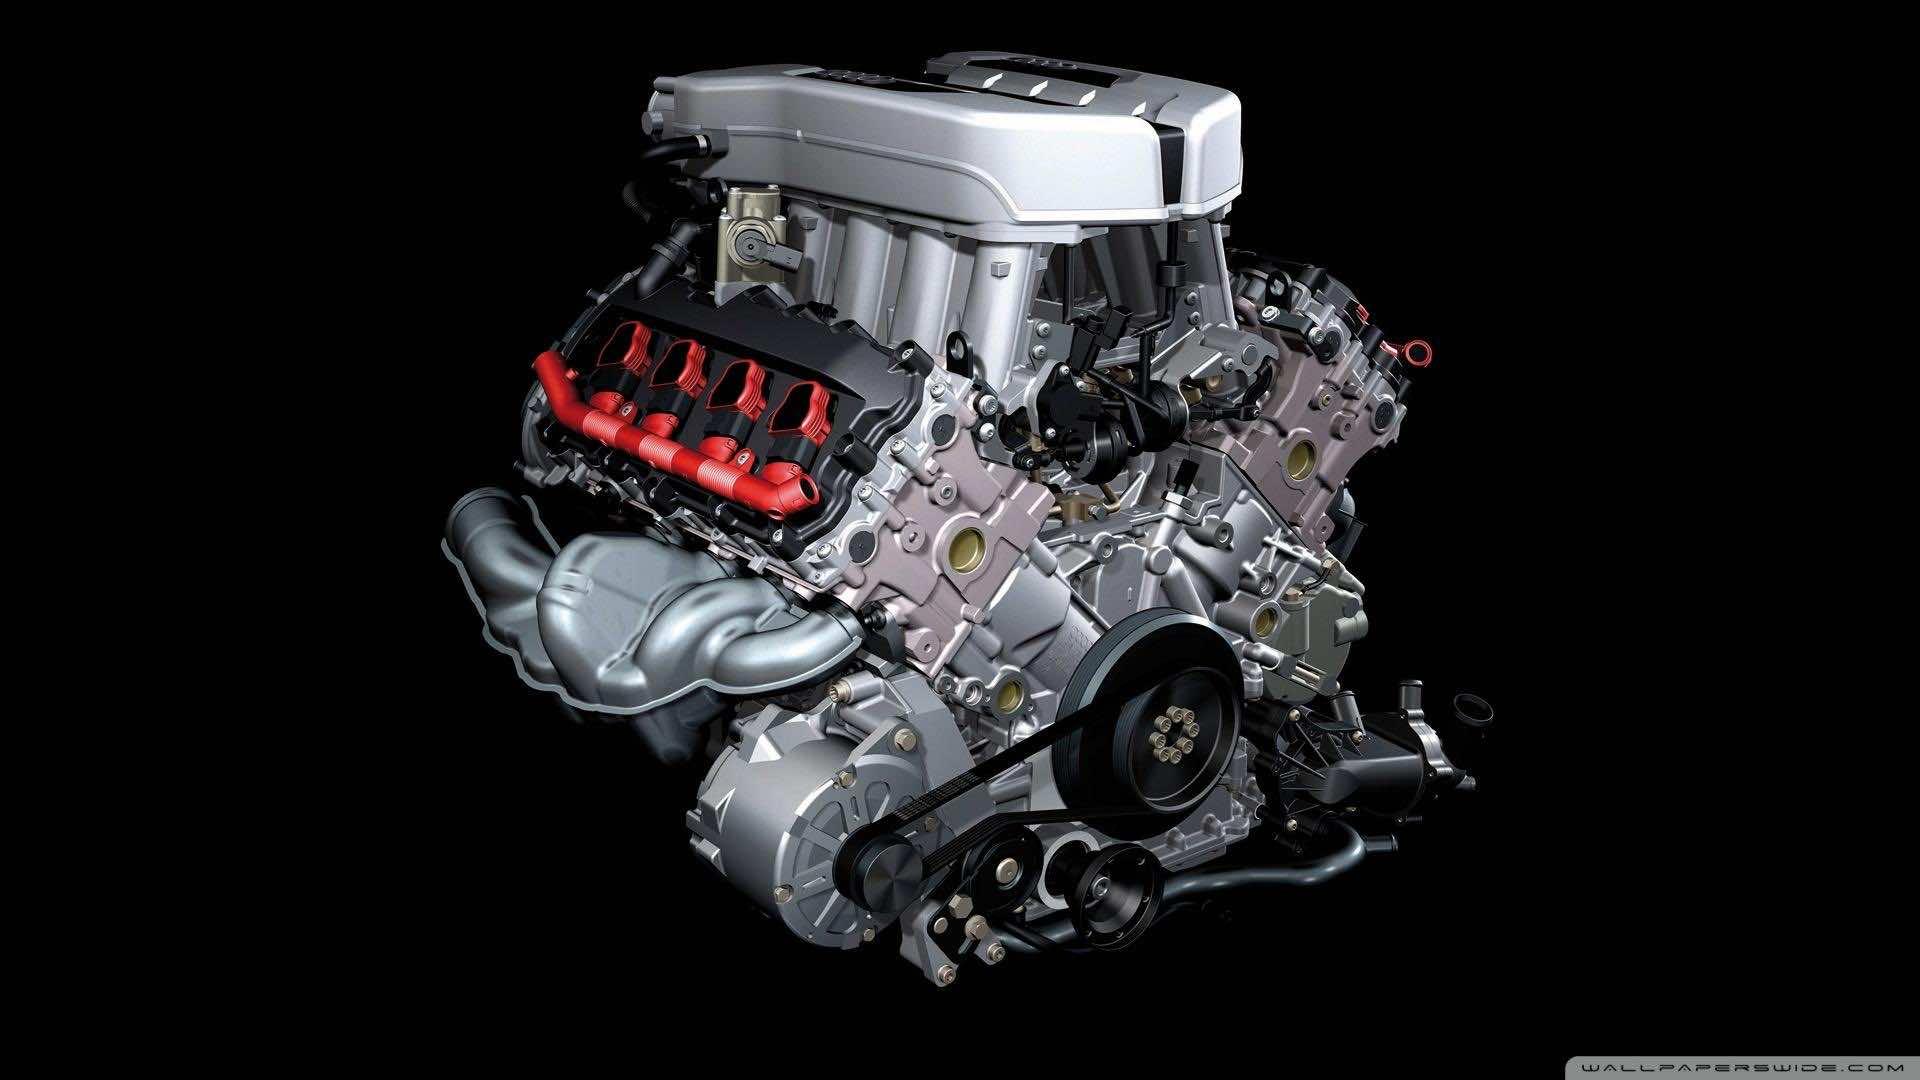 Desktop Machine Cars Lamborghini Wallpapers 40 Hd Engine Wallpapers Engine Backgrounds Amp Engine